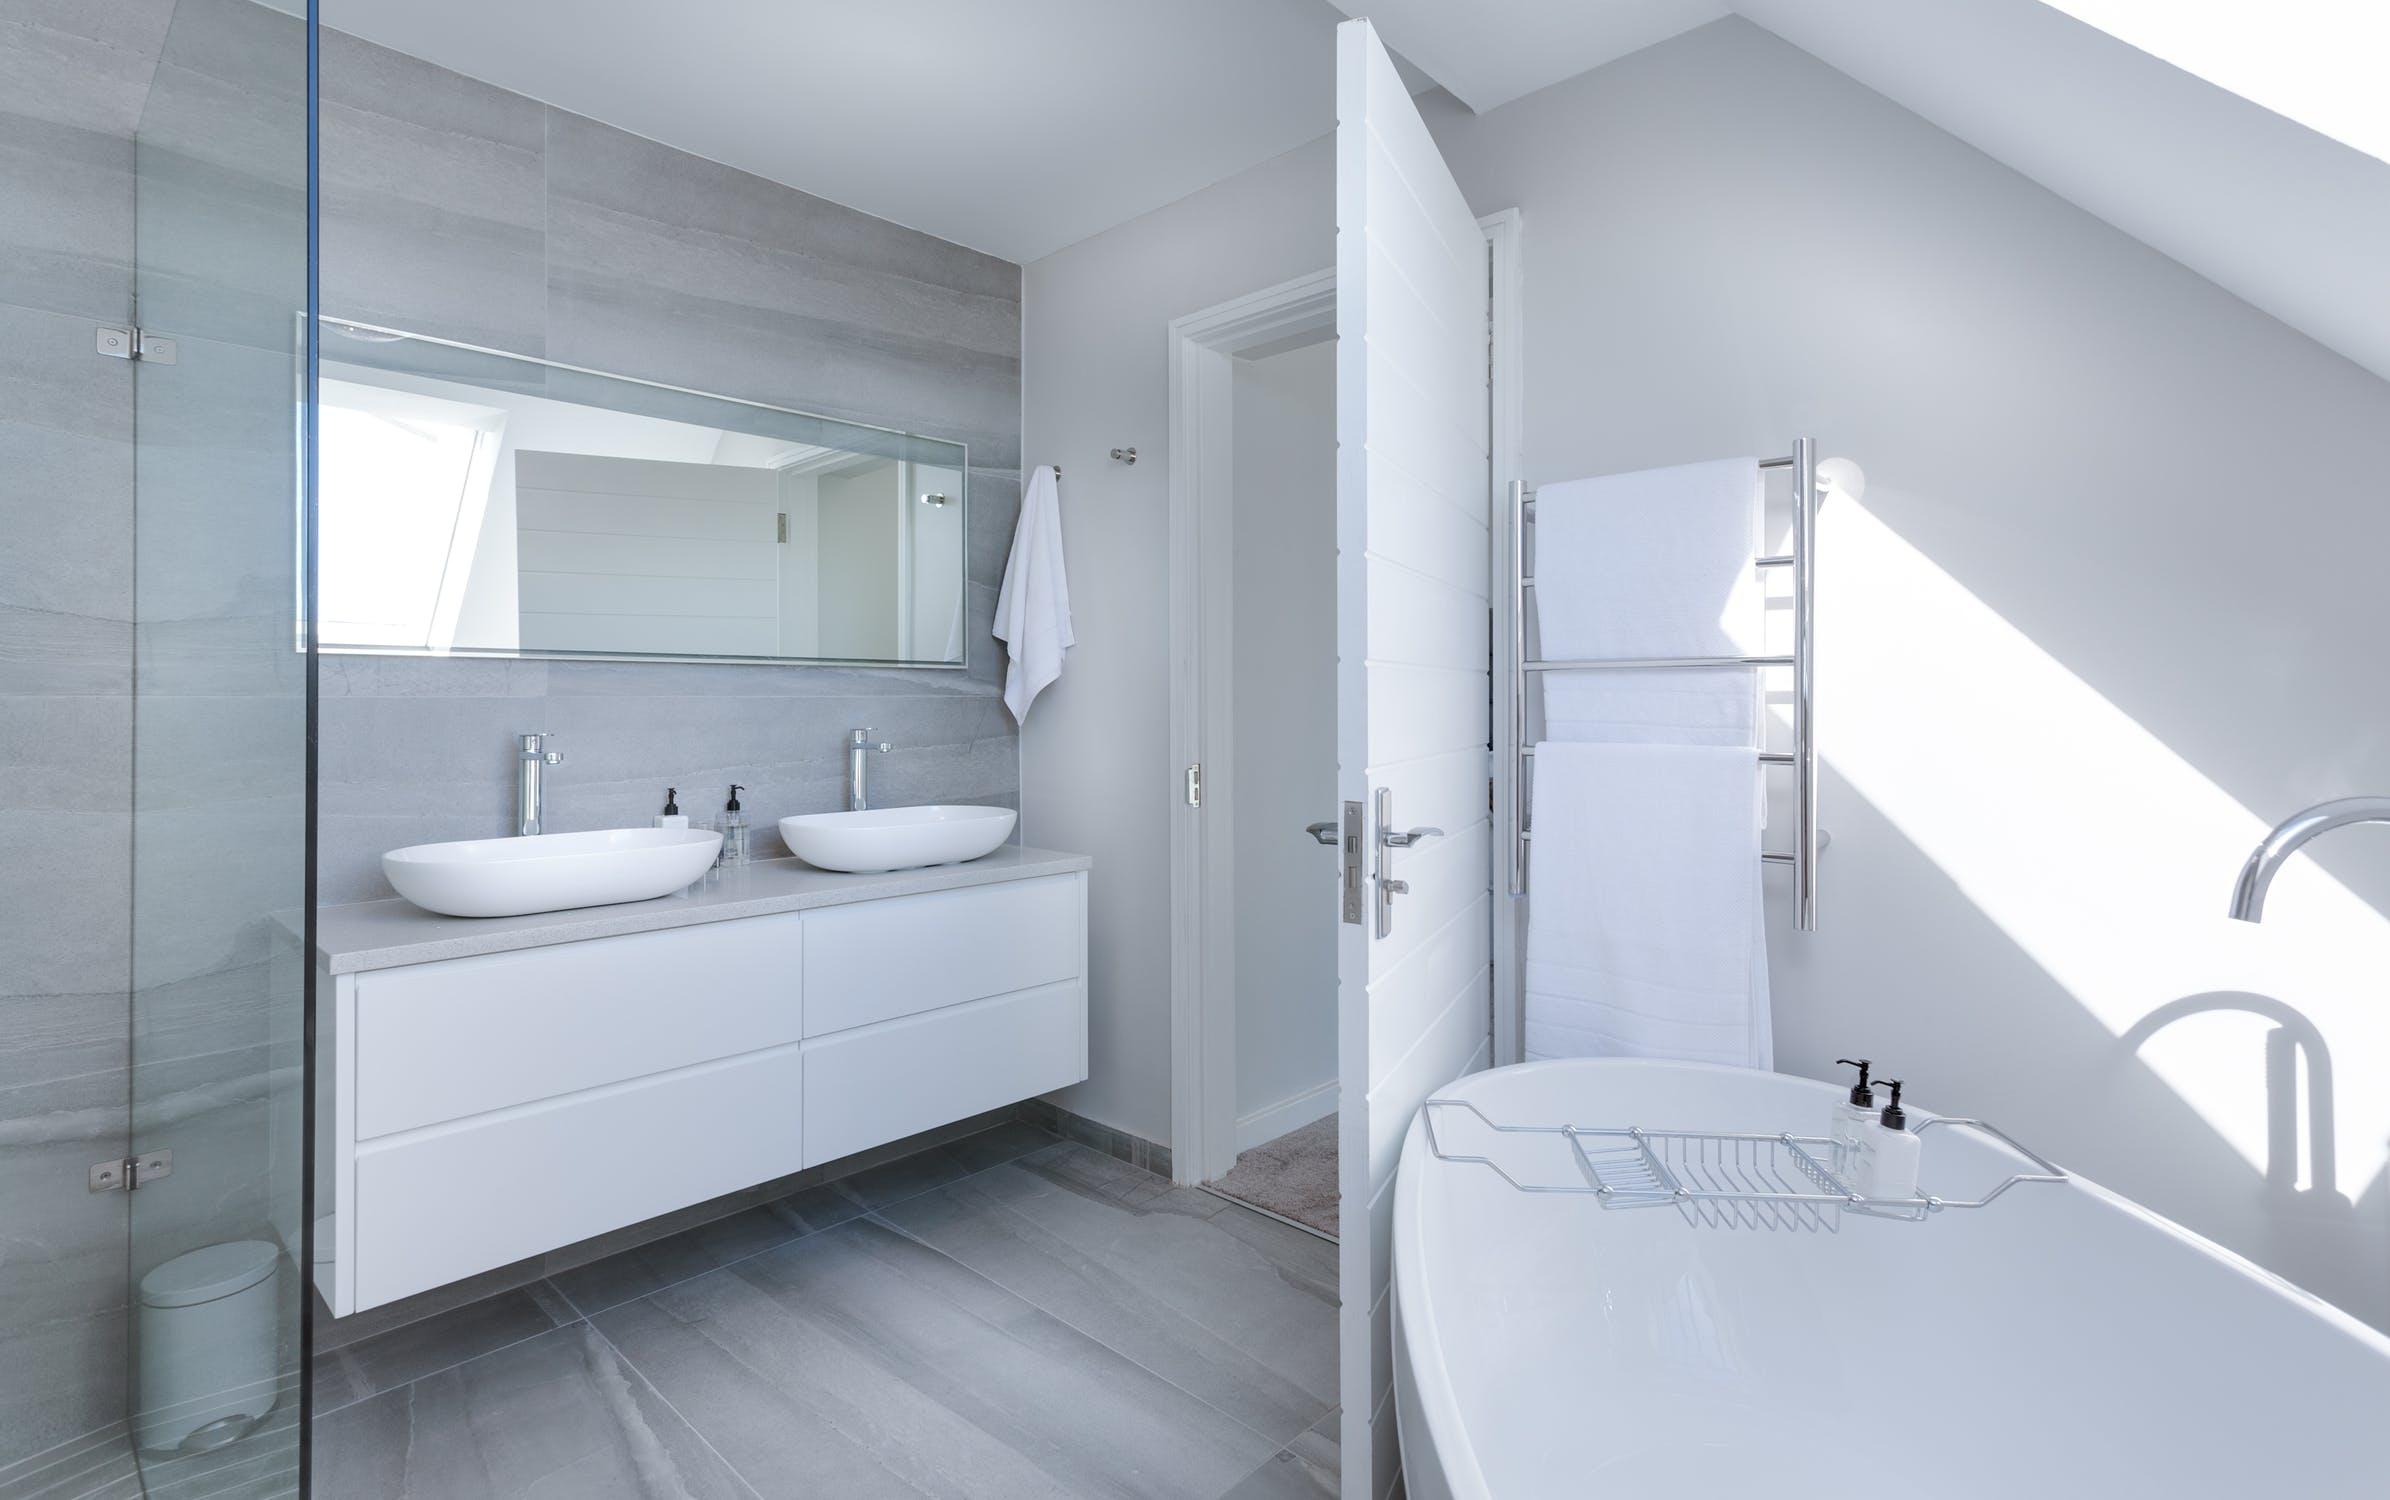 Detourner Un Meuble Pour Salle De Bain comment décorer sa salle de bain quand on est locataire - le